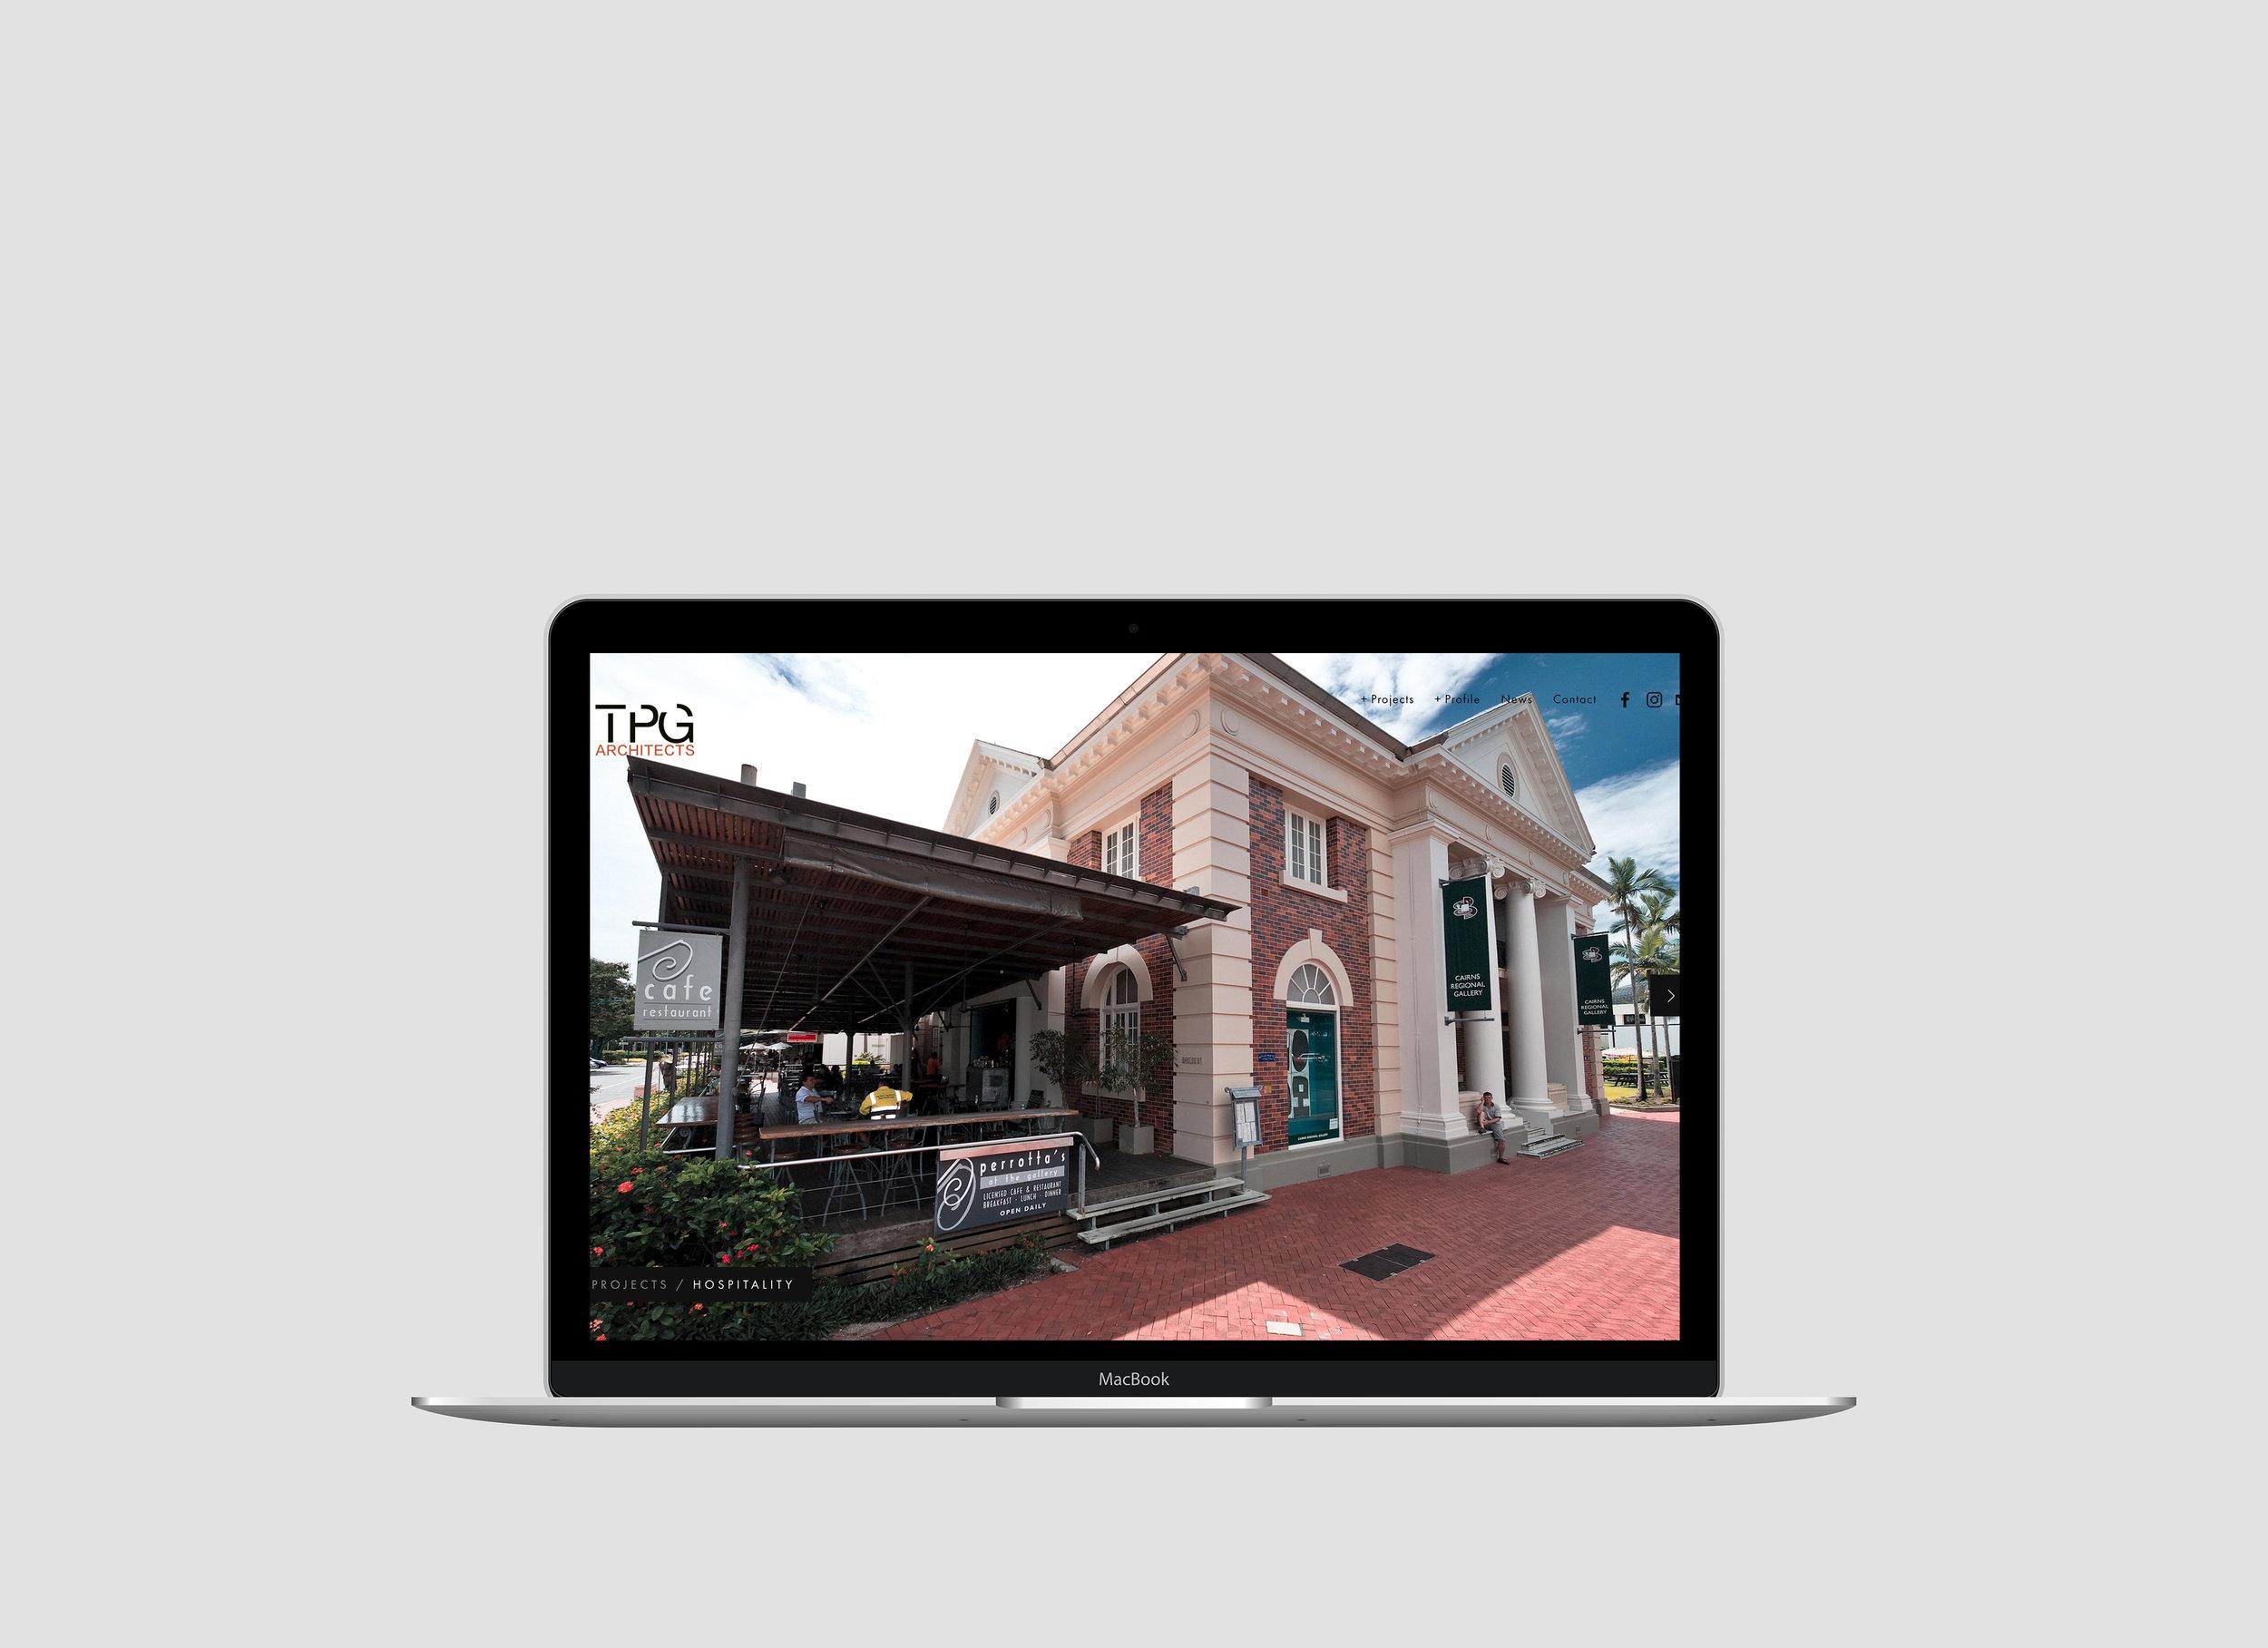 macbook tpg website mockup 5.jpg